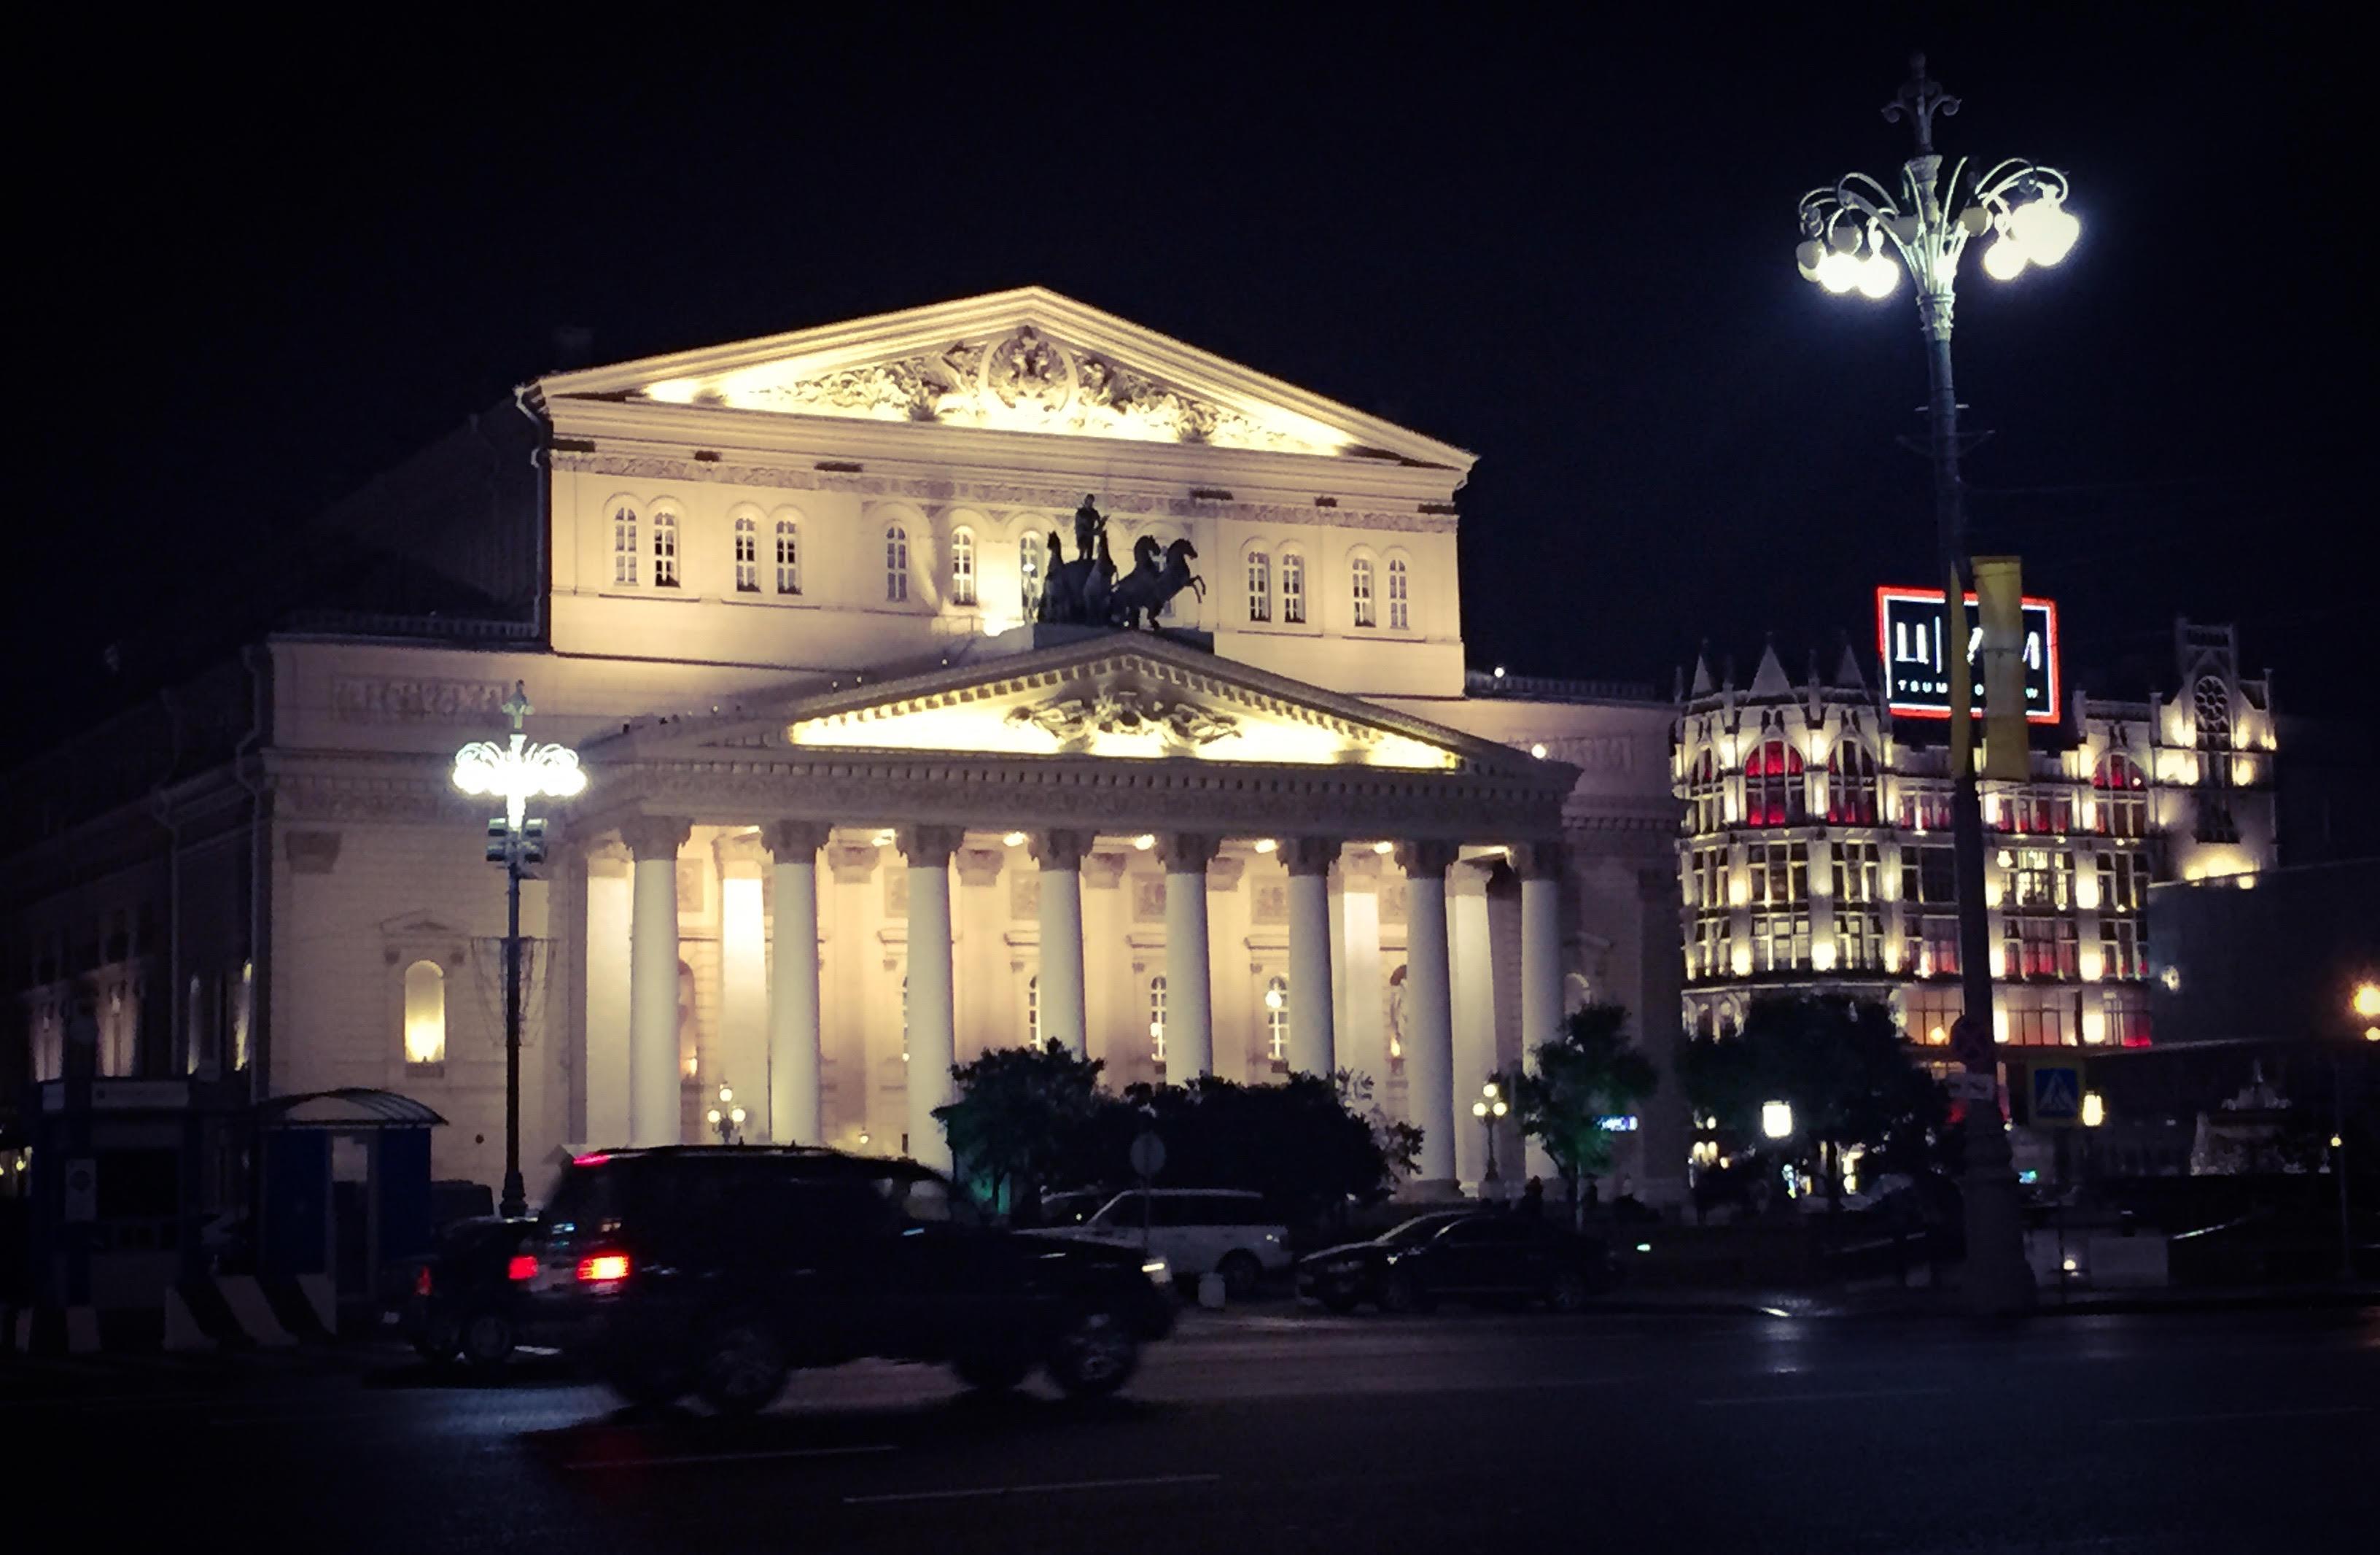 Das Bolschoi bei Nacht, von rechts drängelt sich noch das TSUM ins Bild.